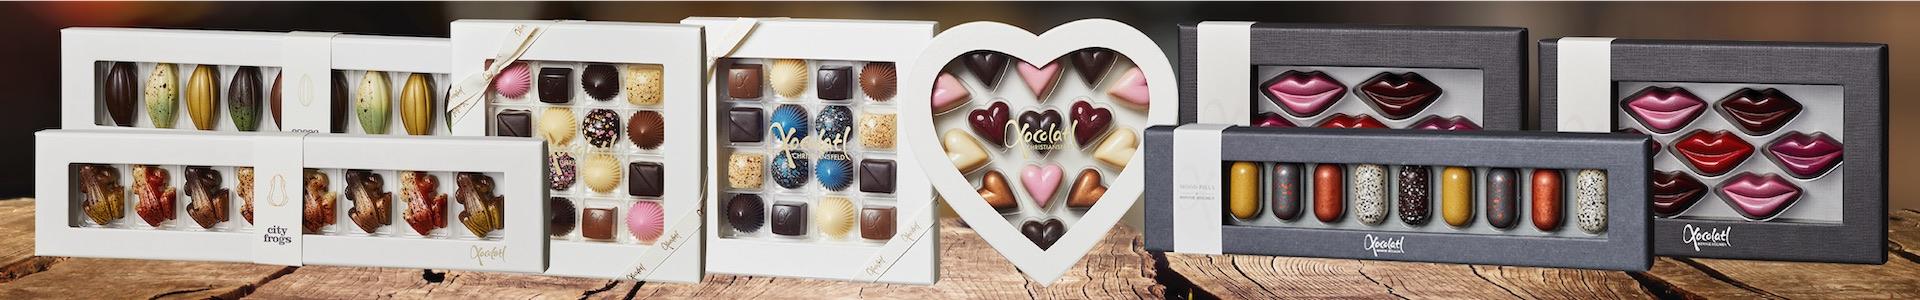 Bonjour Choco | Xocolatl